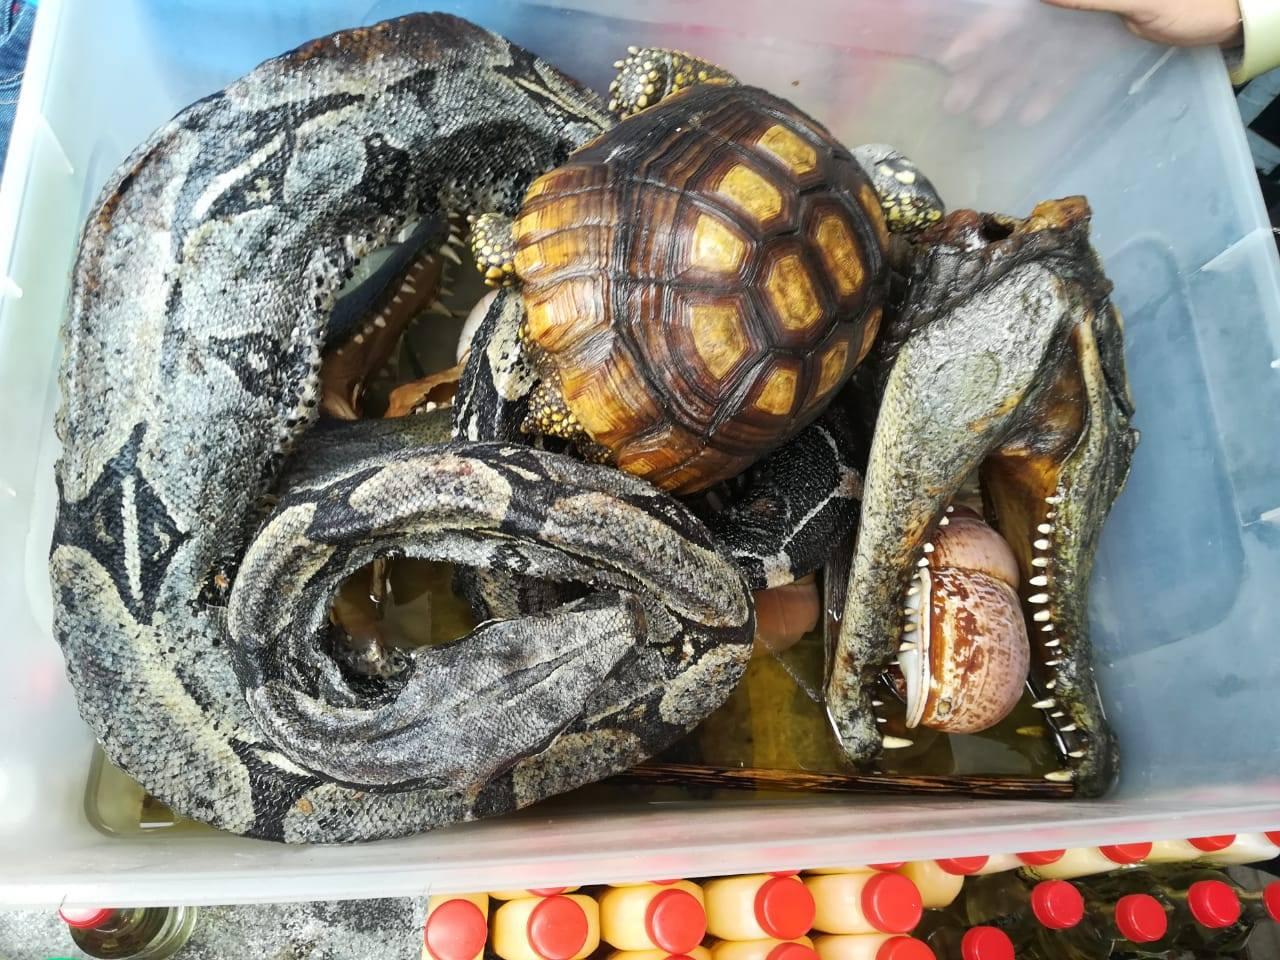 Tortugas y otras especies de reptiles figuran entre los animales silvestres más comercializados en Perú. Foto: Dirección del Medio Ambiente de la Policía Nacional.